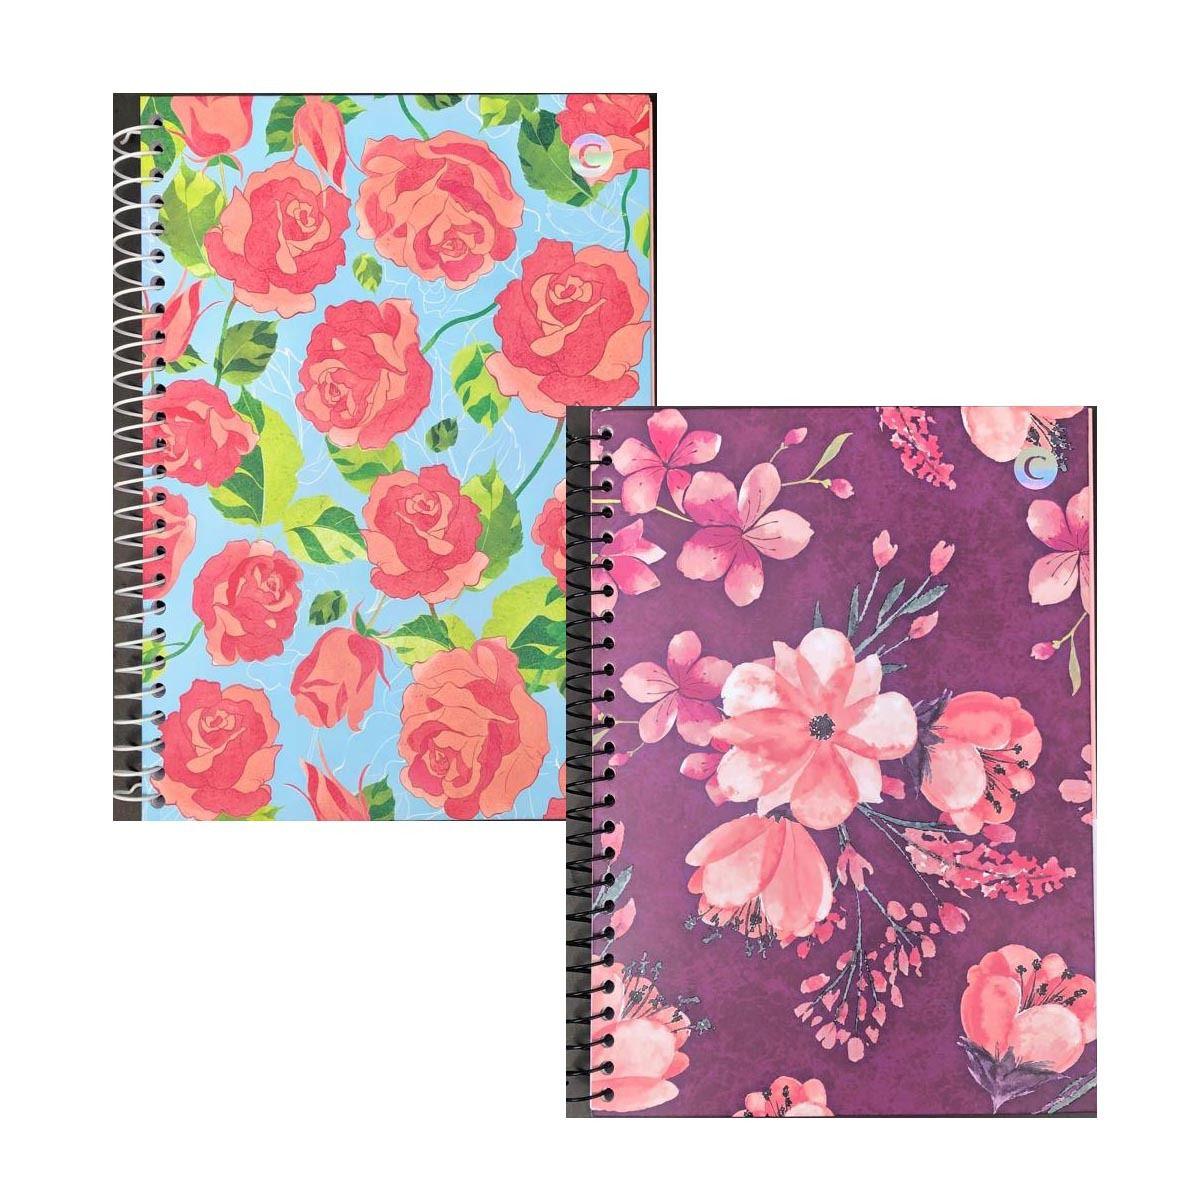 Caderno Colegial 1 Matéria Floral  - Papel Pautado